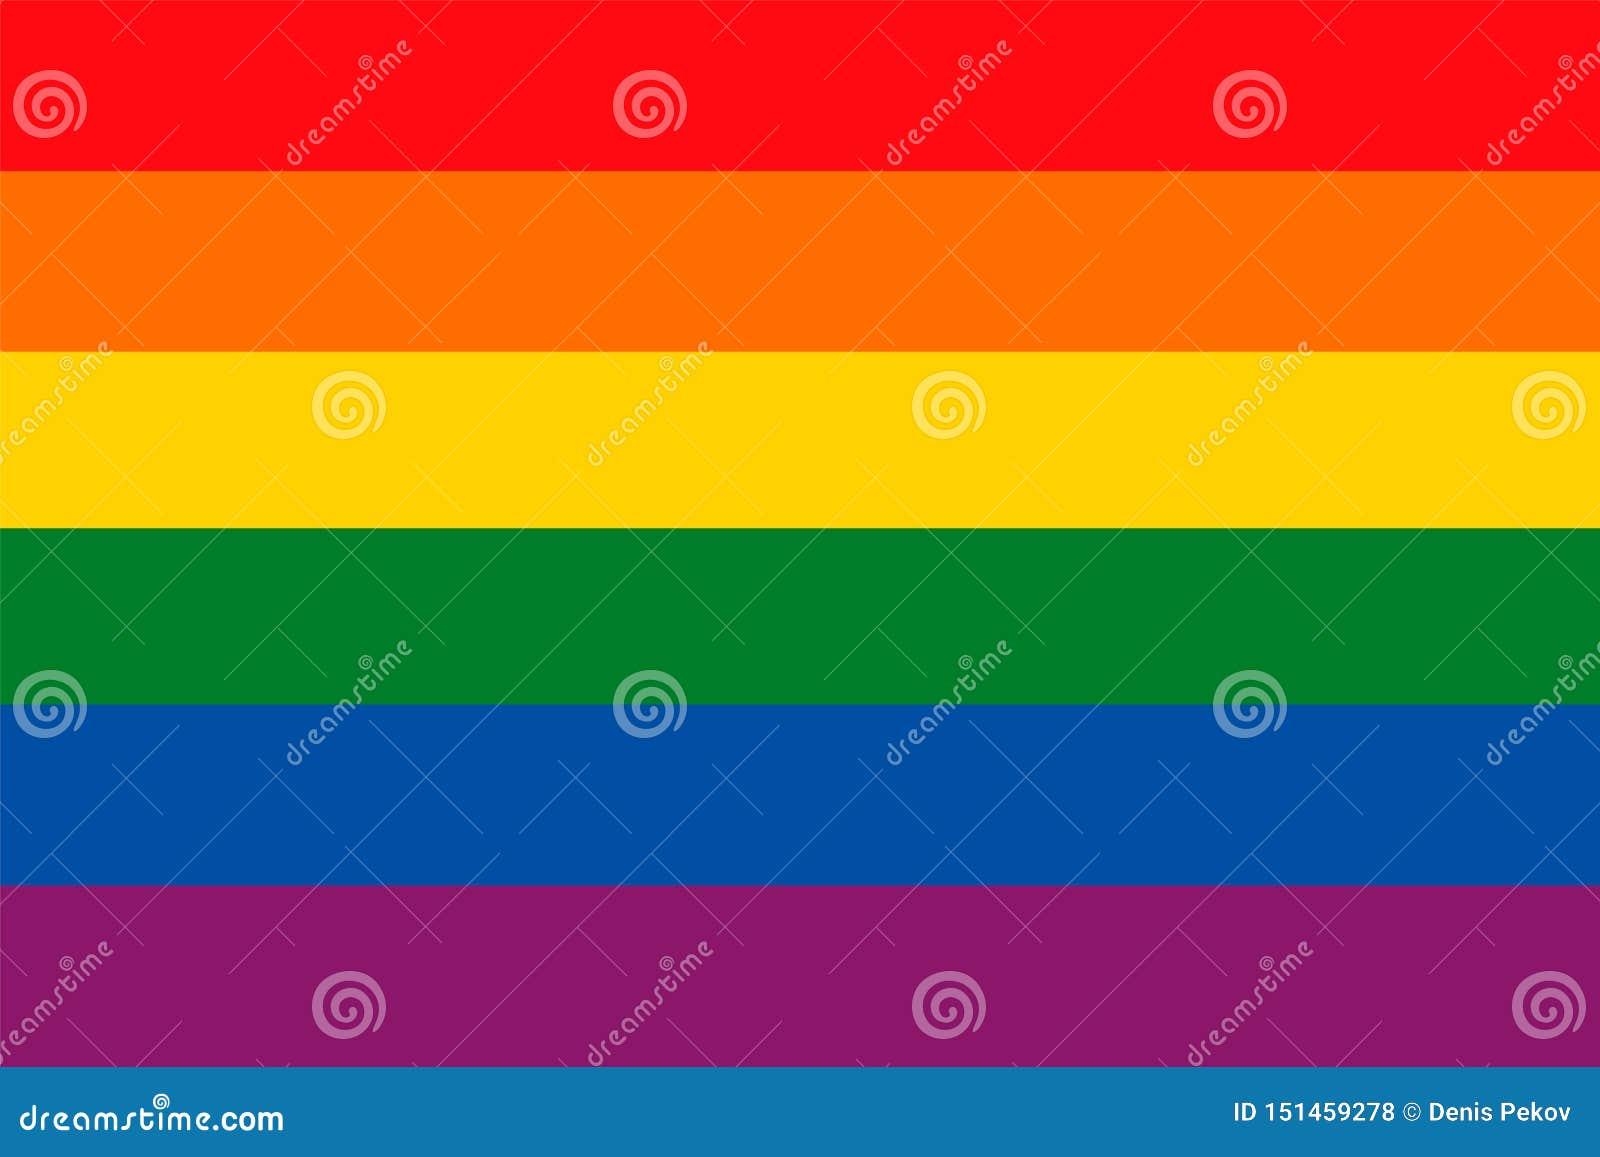 Rainbow flag as a background